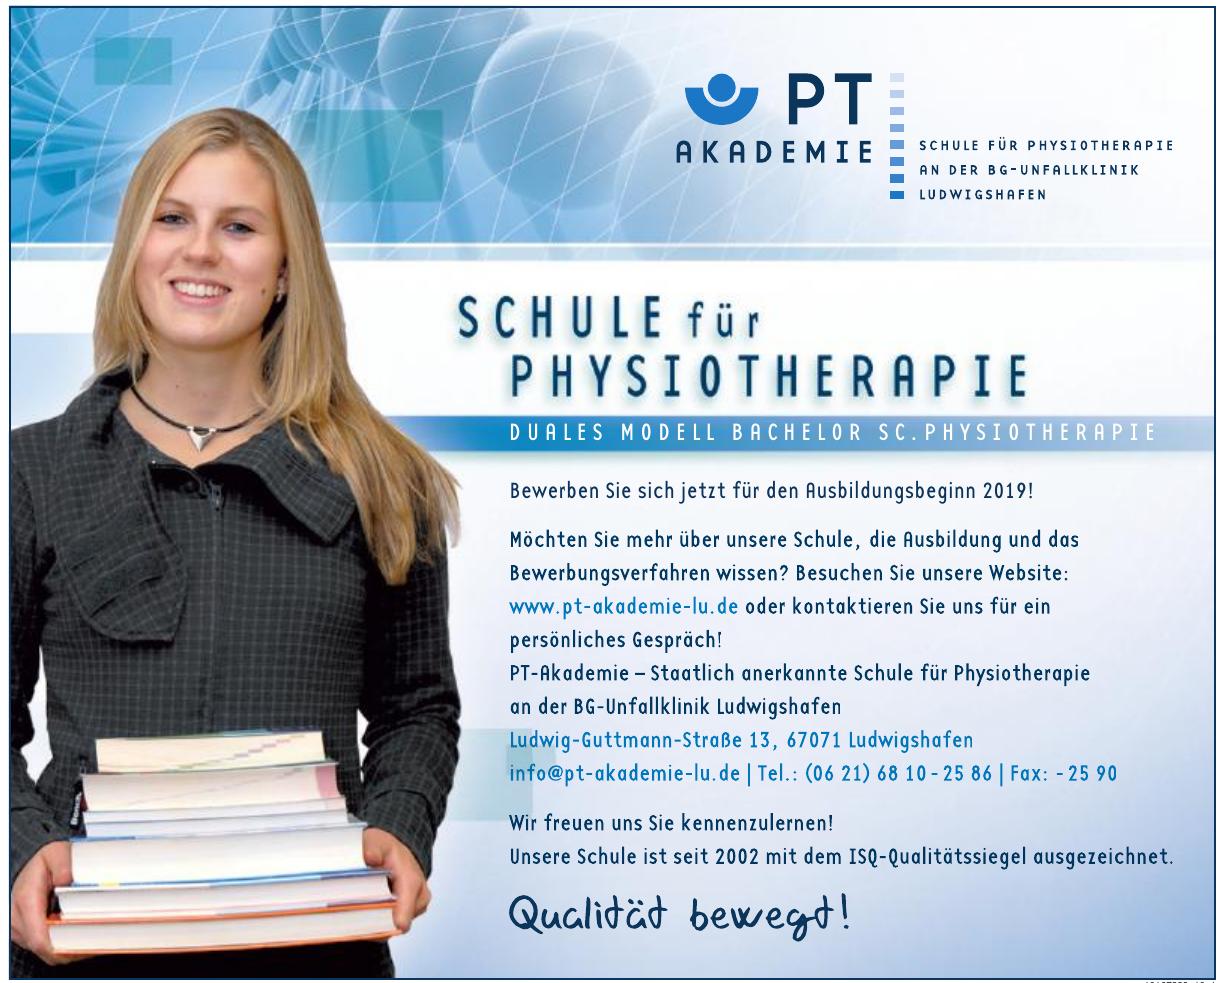 PT-Akademie – Staatlich anerkannte Schule für Physiotherapie an der BG-Unfallklinik Ludwigshafen